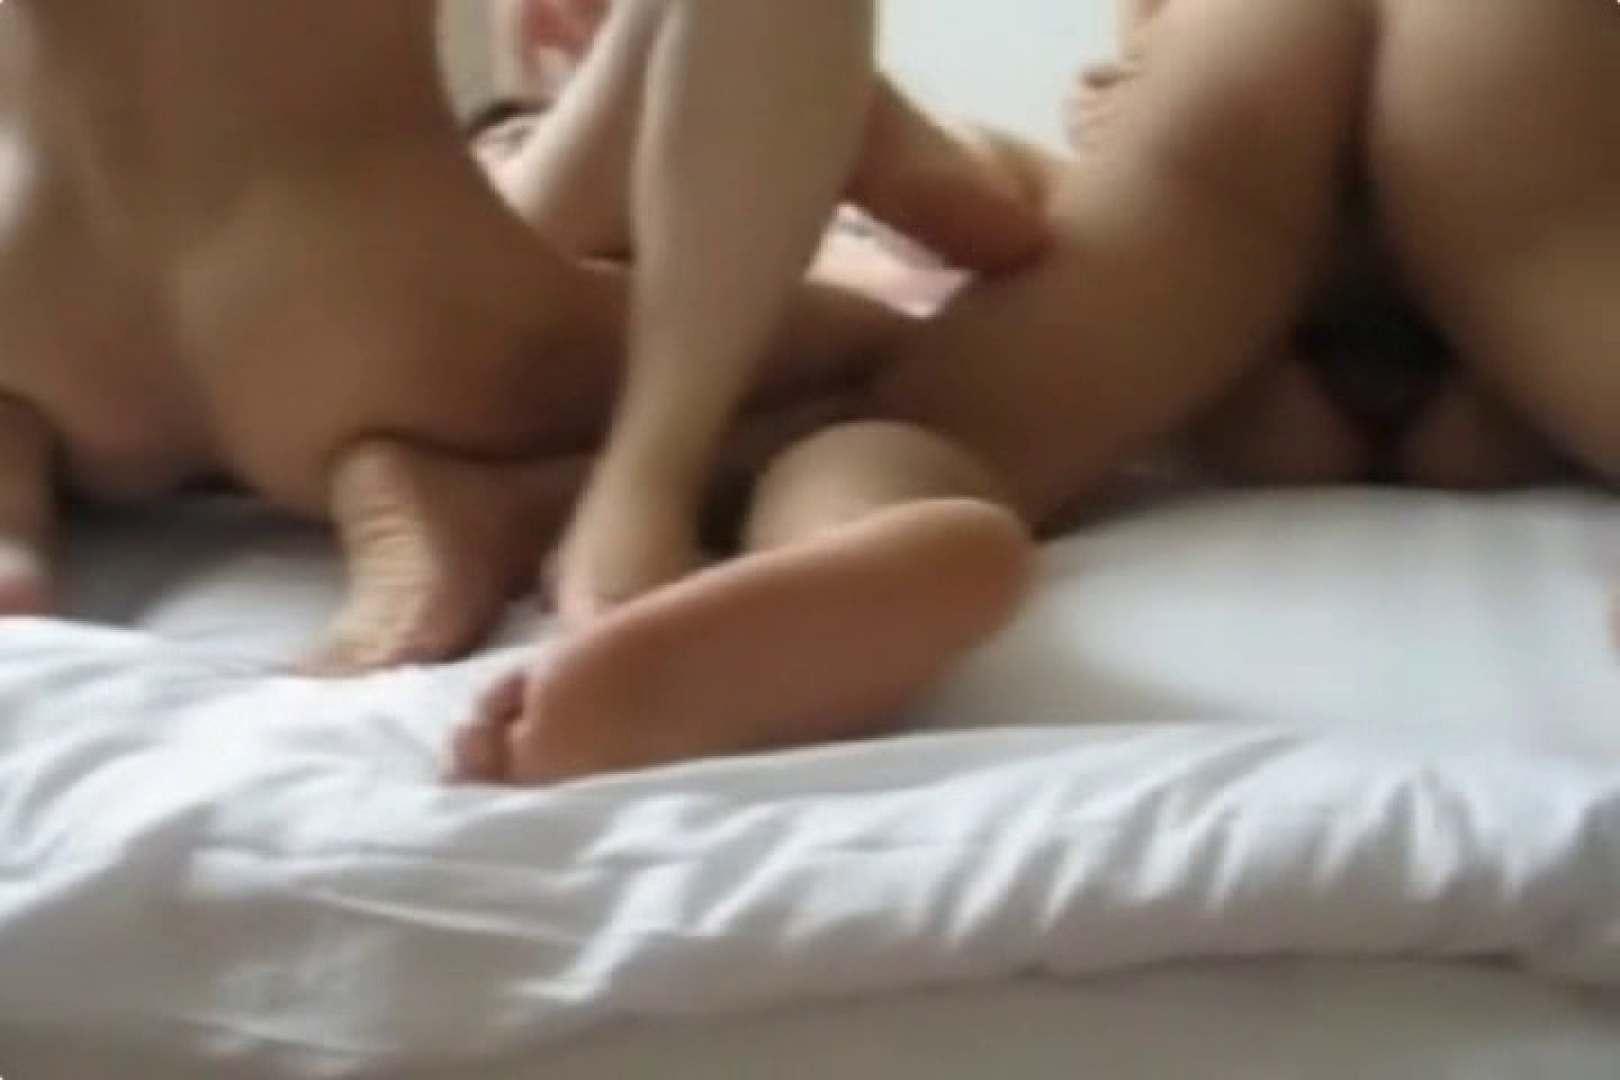 コリアン素人流出シリーズ サークル仲間で大乱交 エロカワ素人  11pic 2